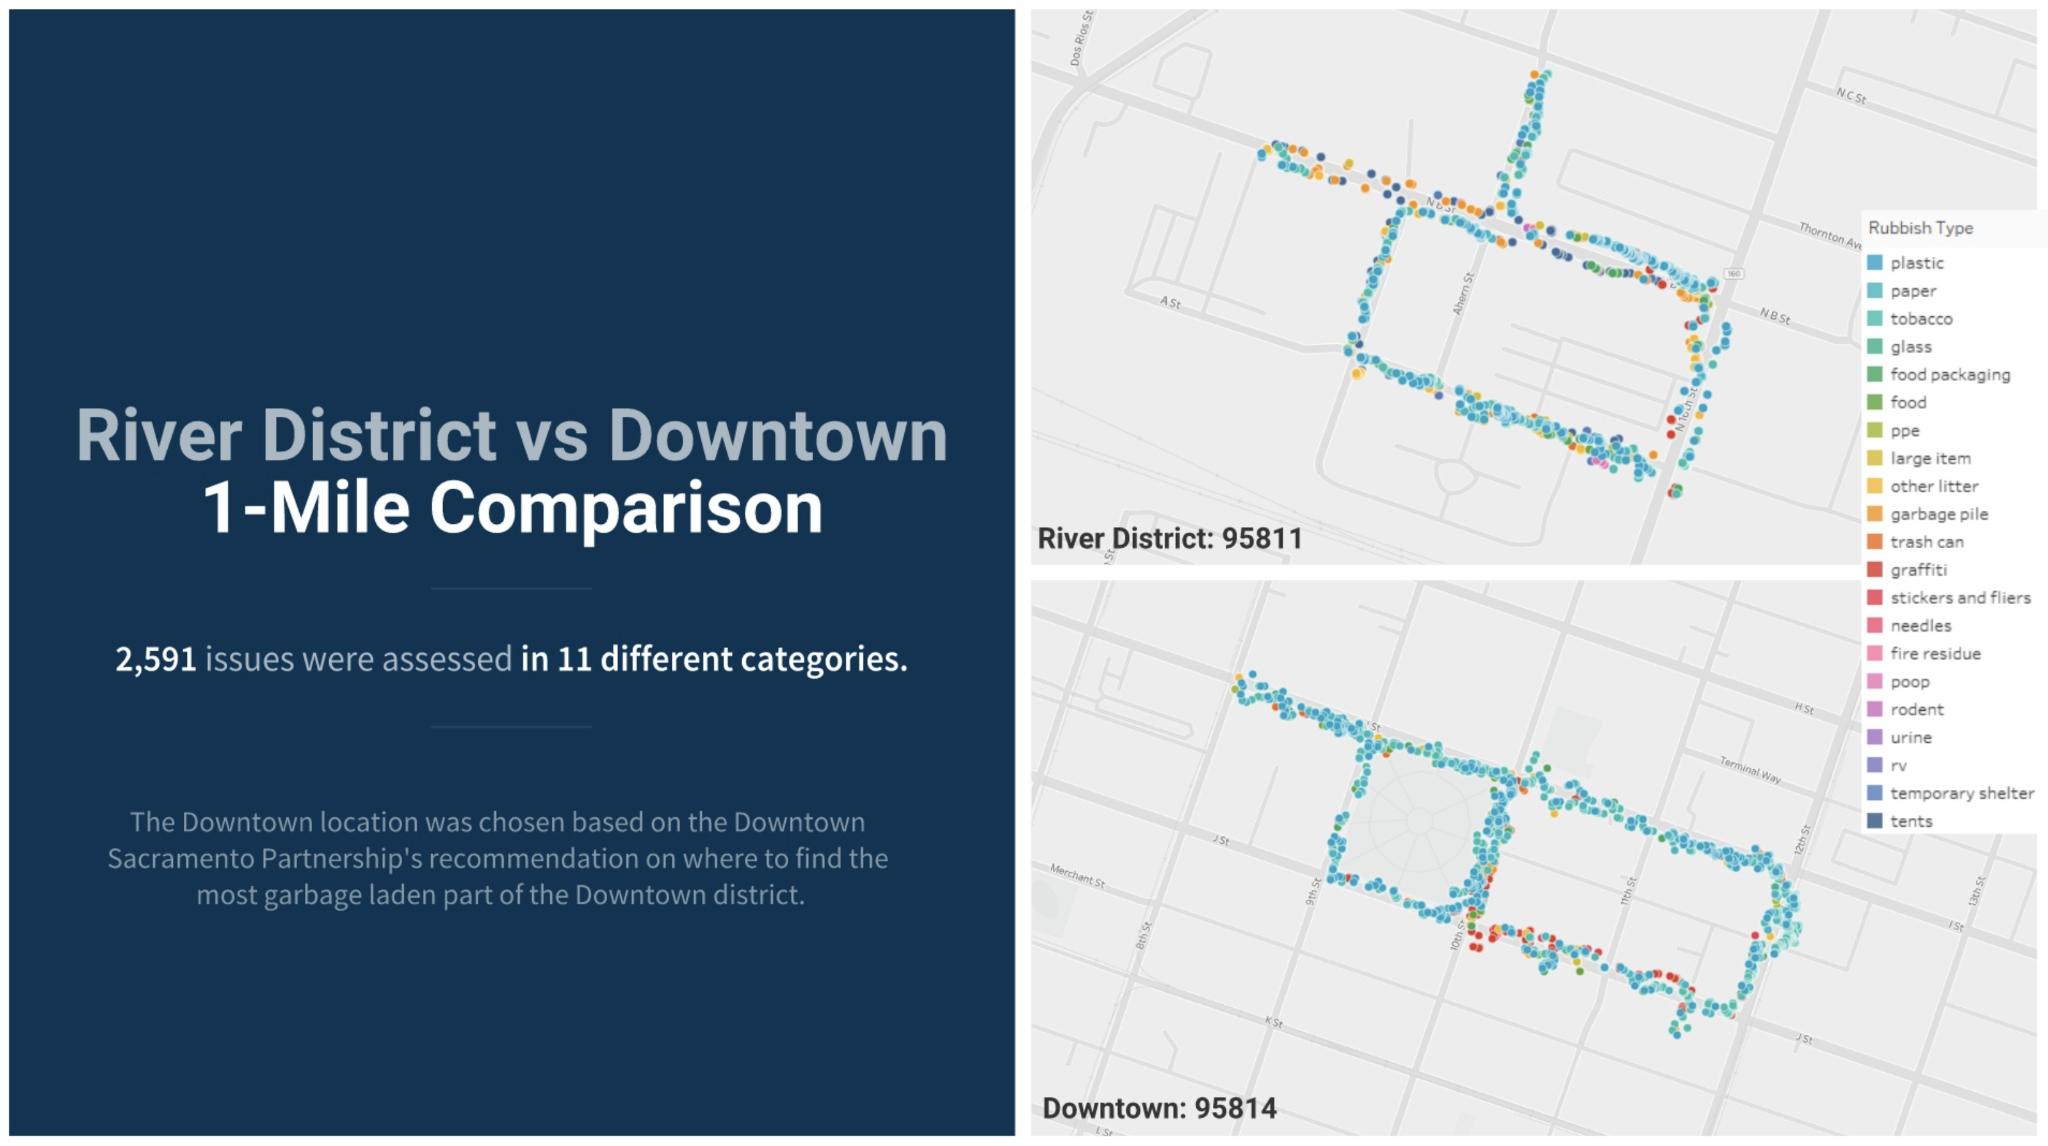 River District vs Downtown Sacramento 1-Mile Comparison